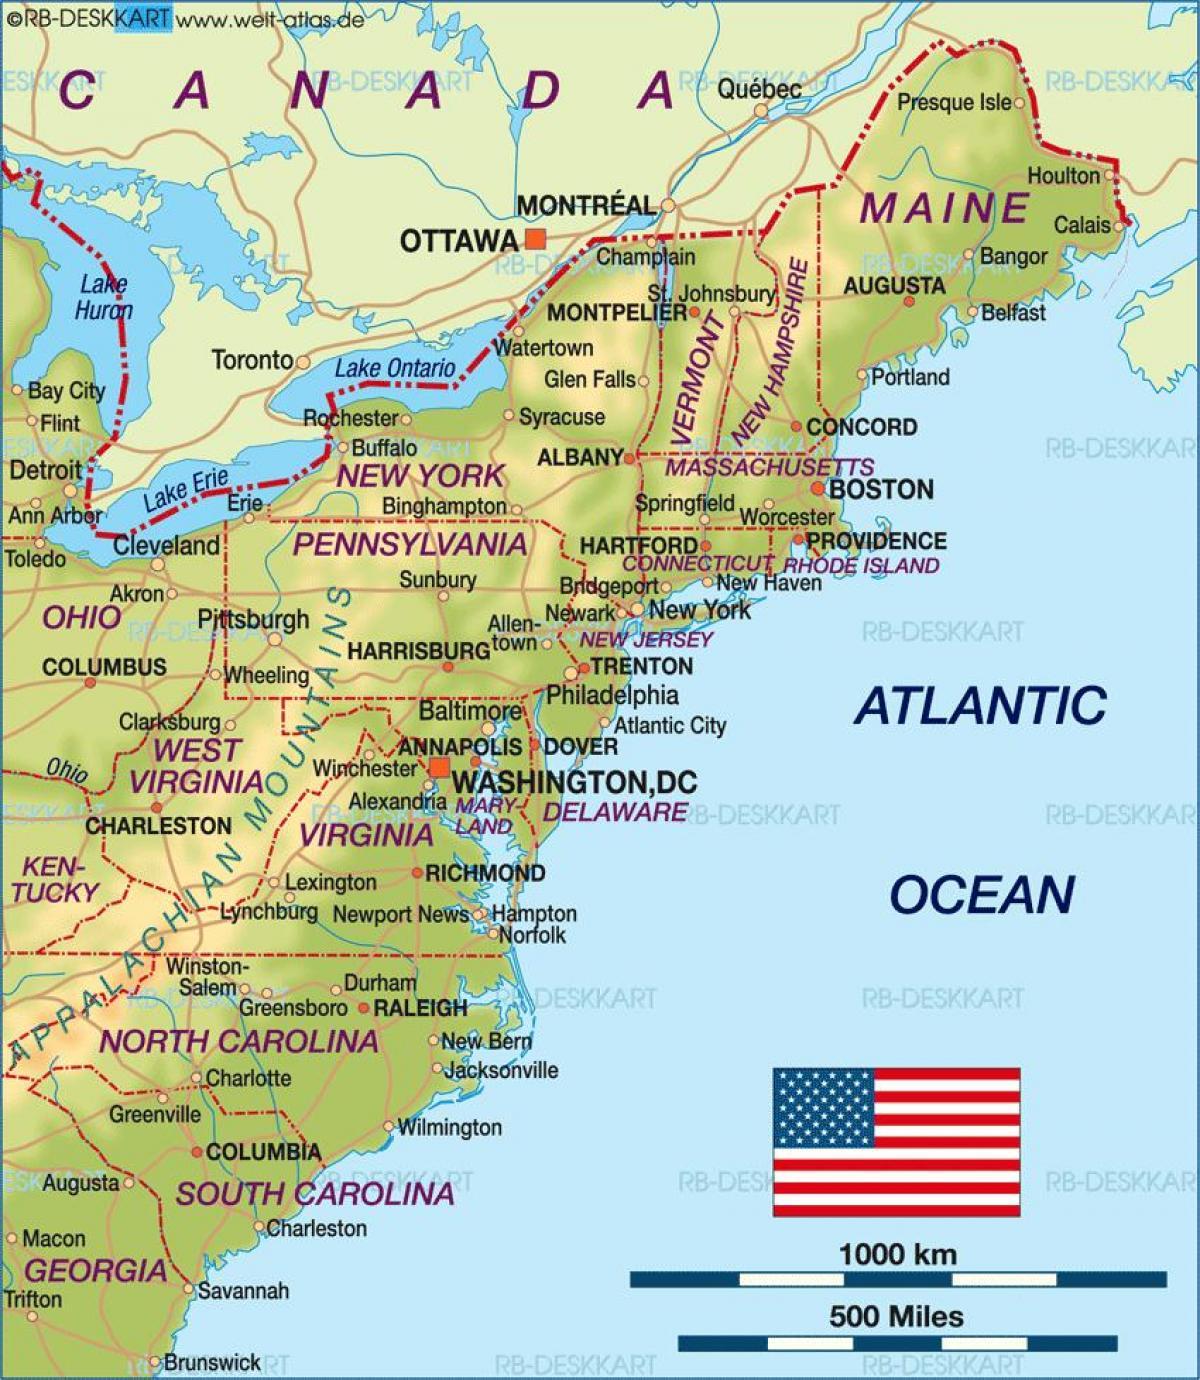 kart over østkysten av usa Kart over østkysten av Amerika   Kart over øst kysten Amerika  kart over østkysten av usa